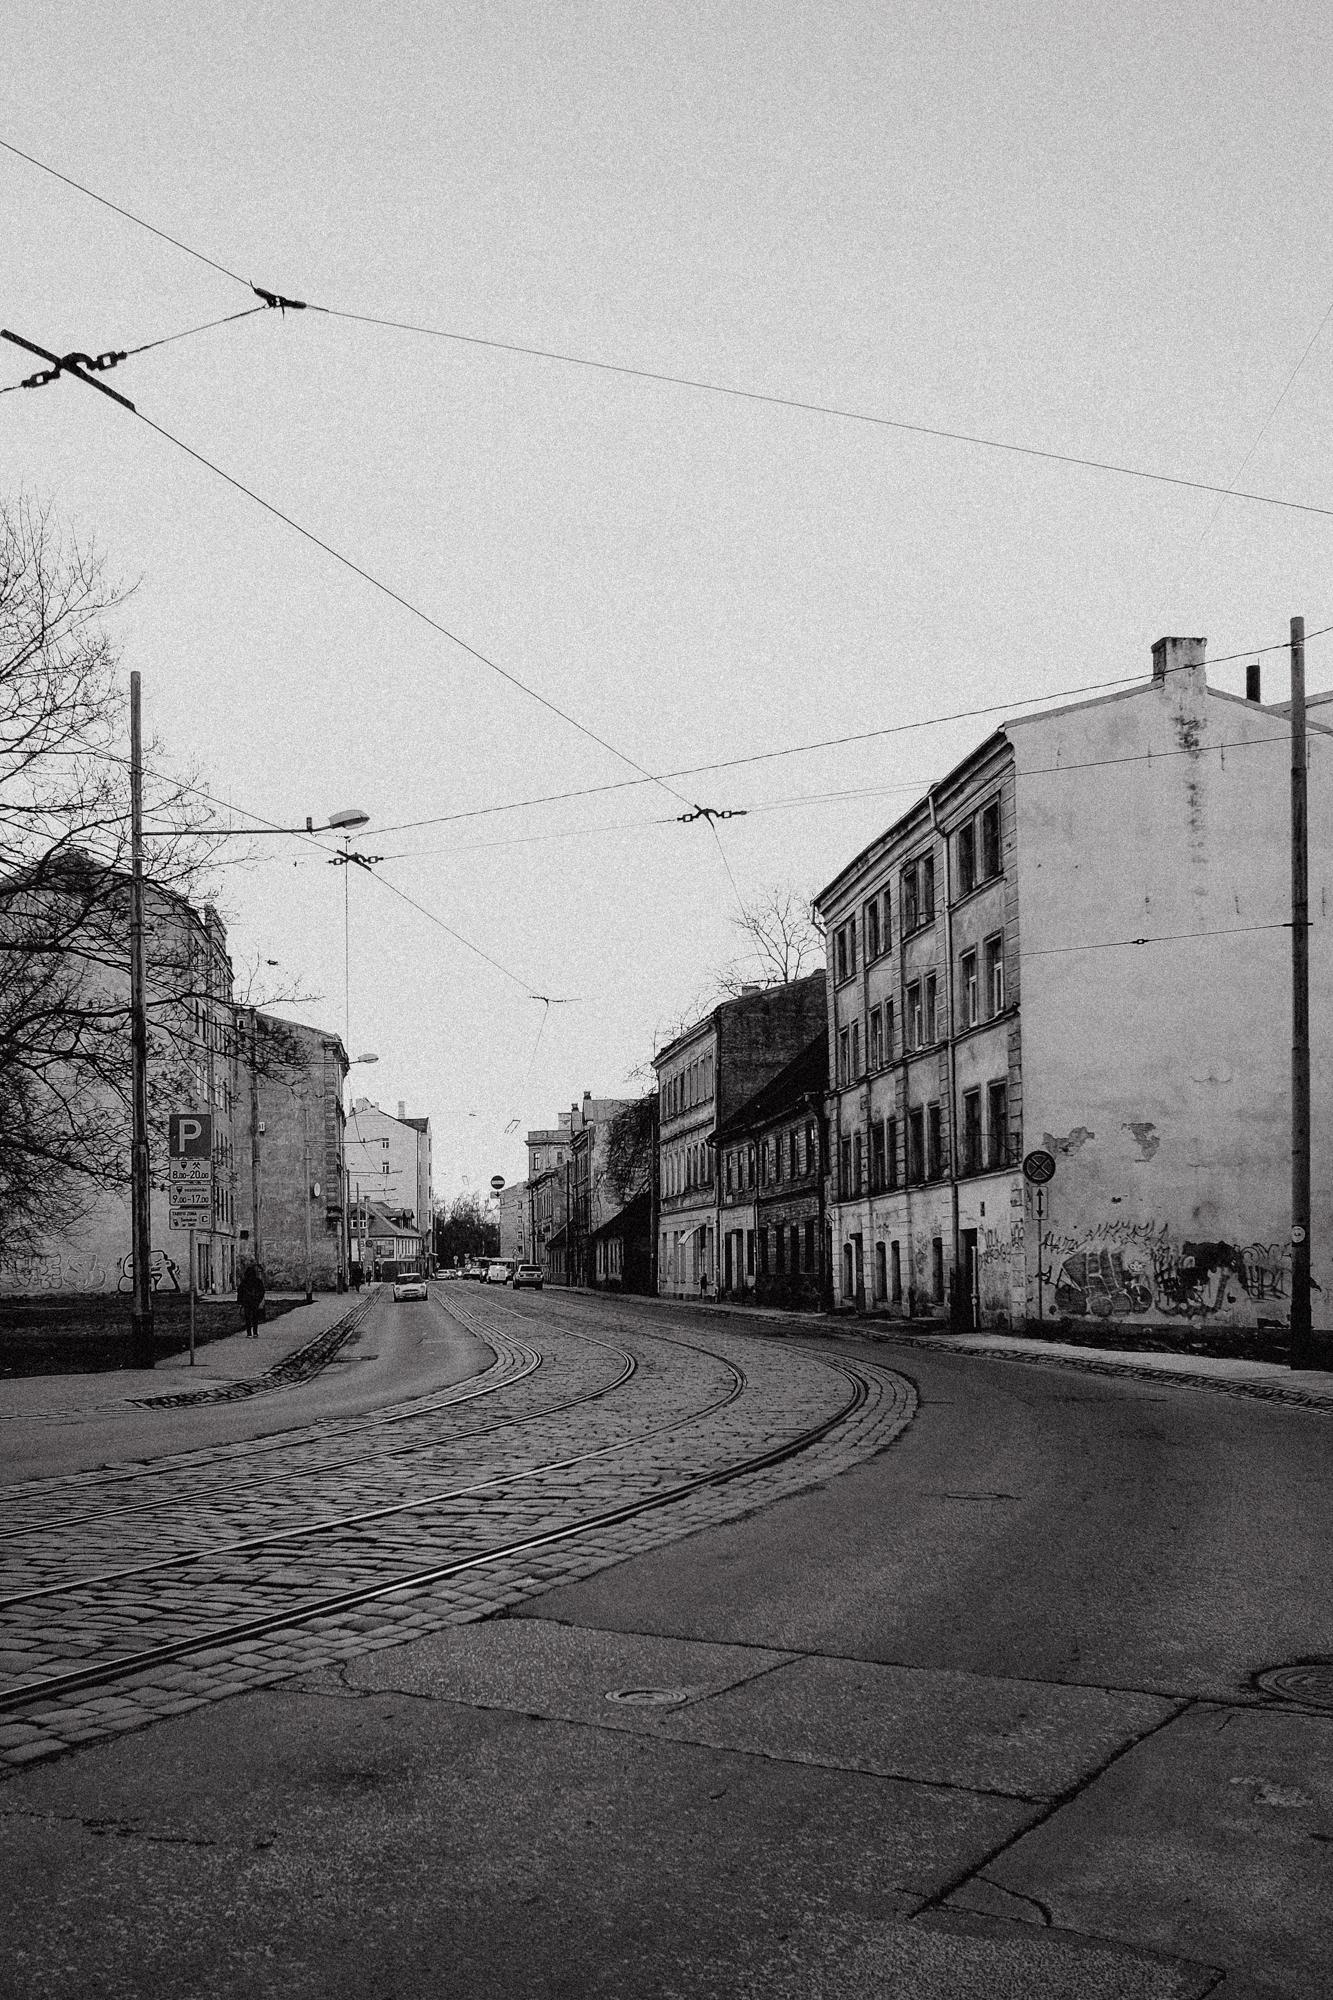 Das ehemalige jüdische Ghetto der Stadt Riga